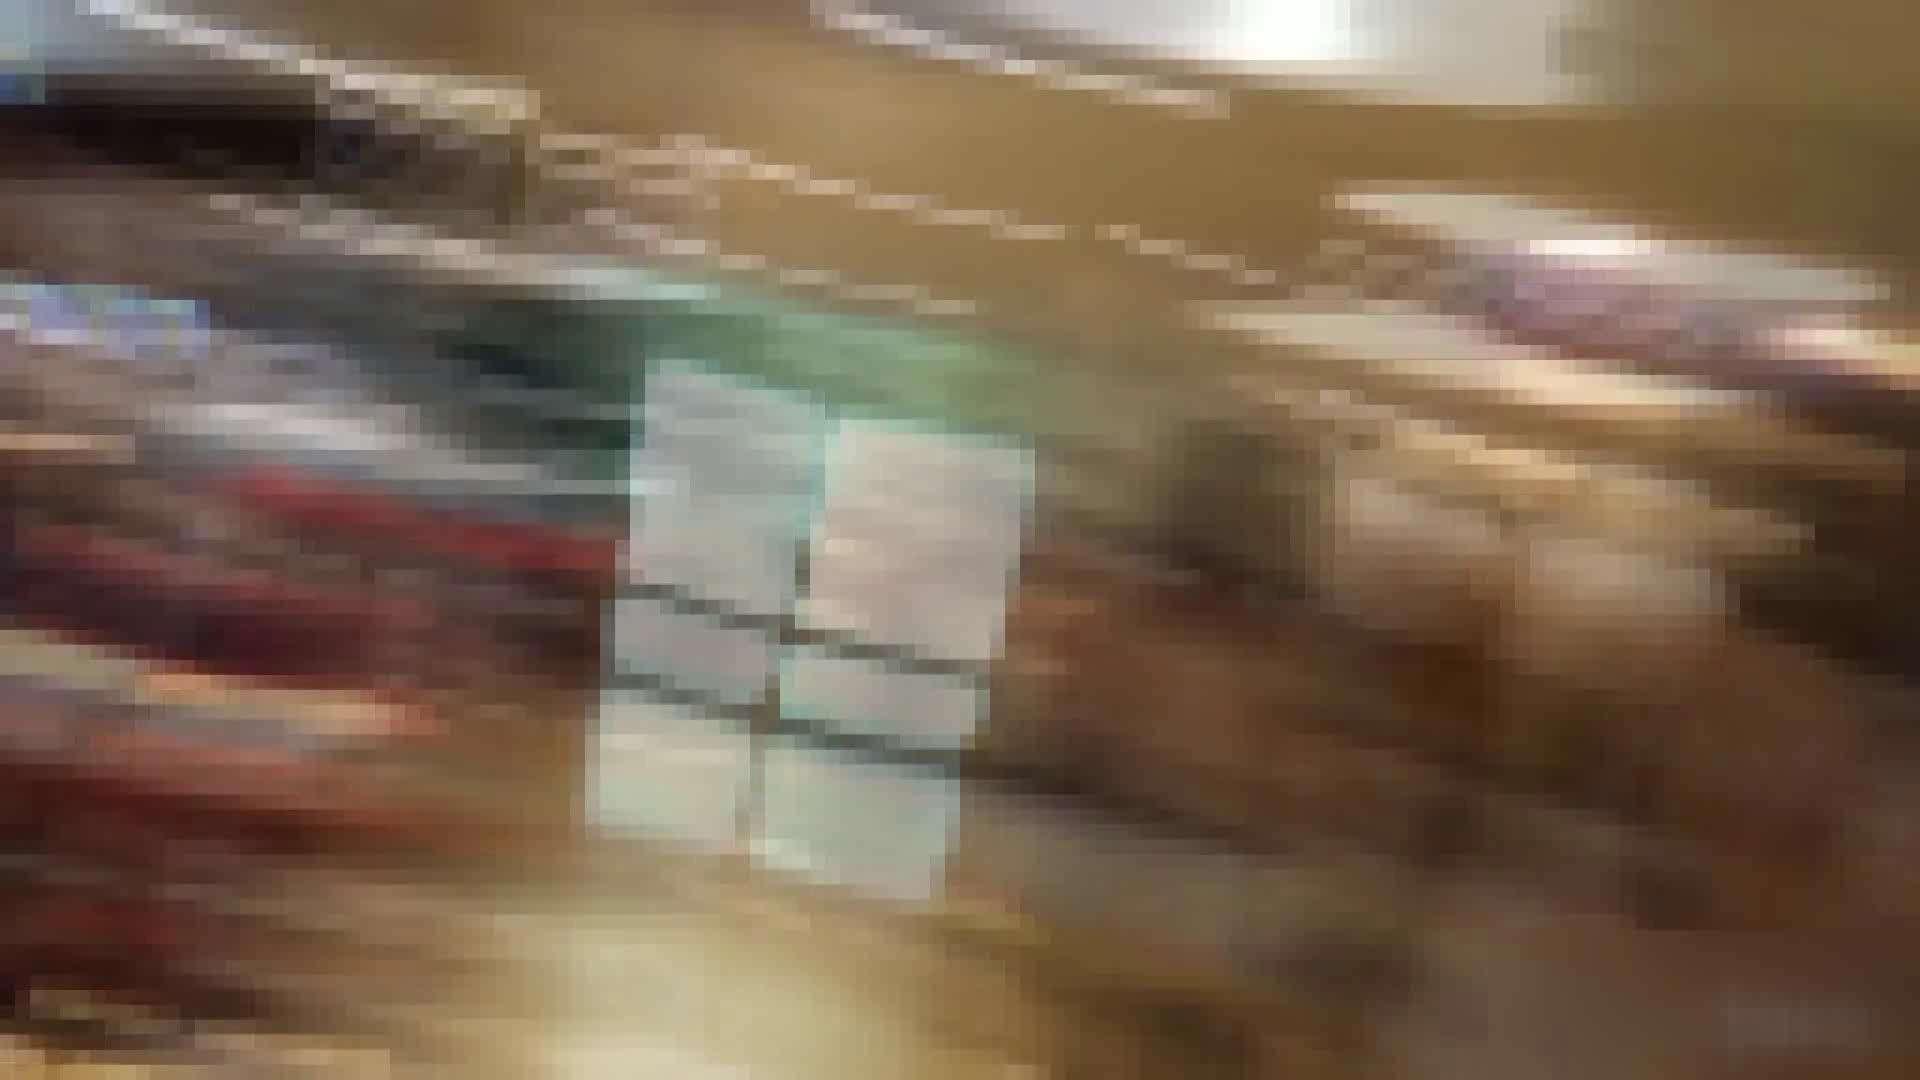 ガールズパンチラストリートビューVol.011 0   0  26画像 24